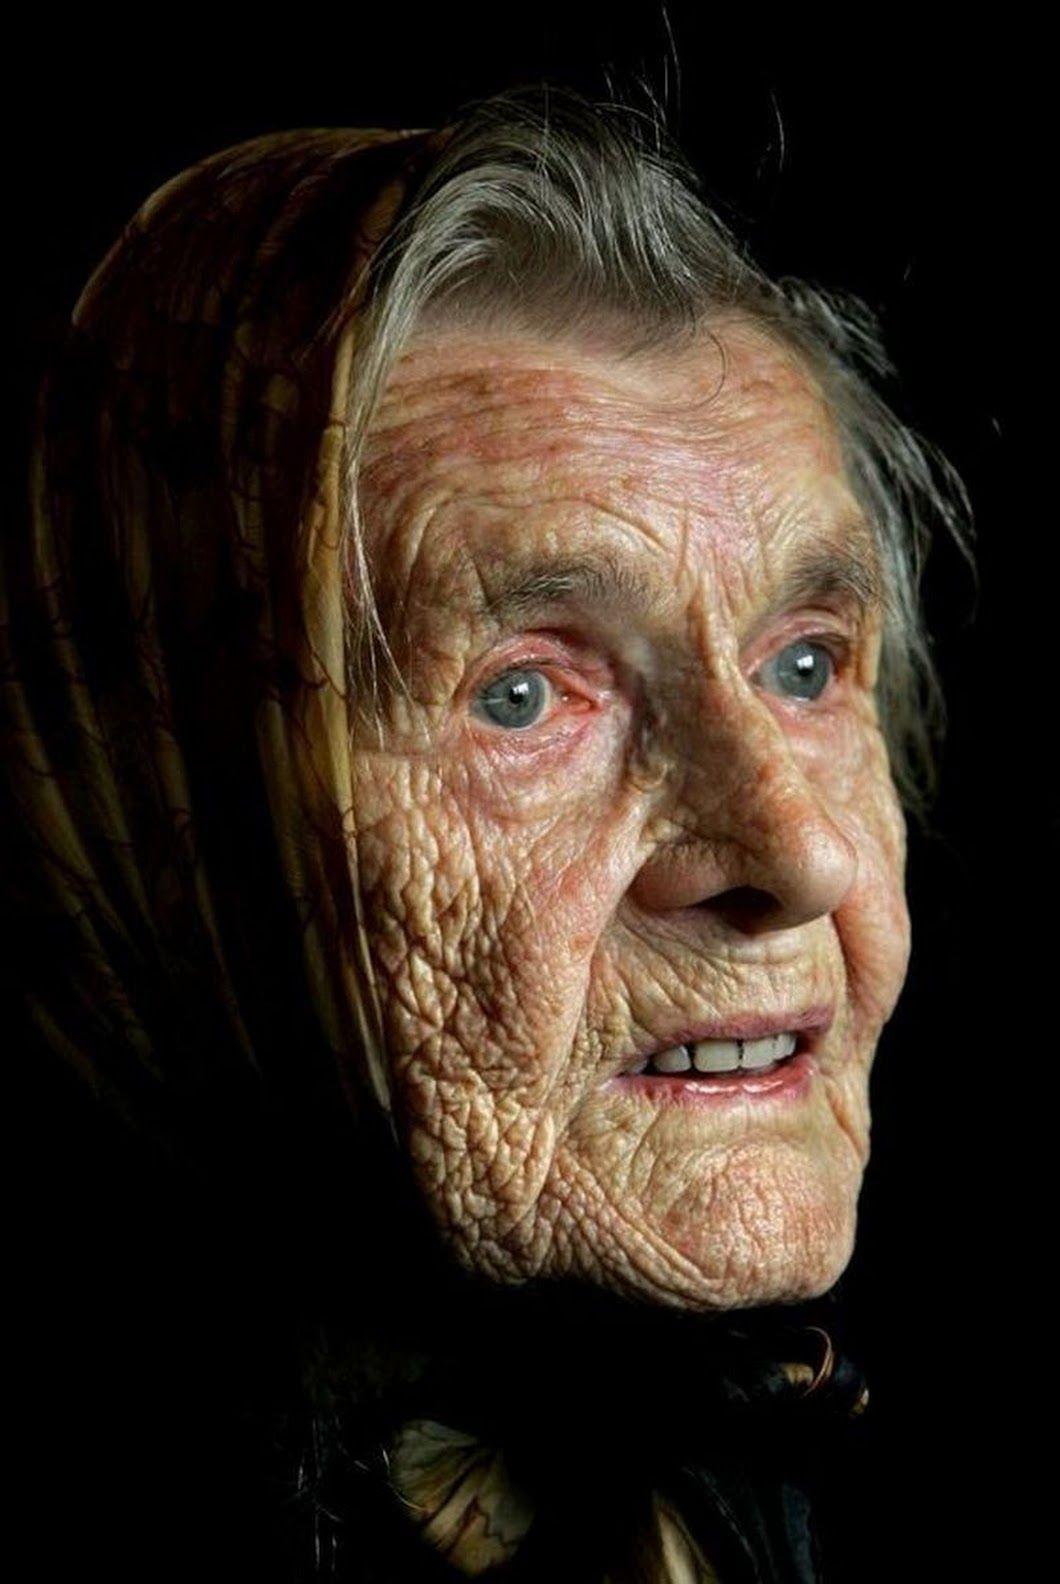 реалистичная старения фото сердце лента, которая